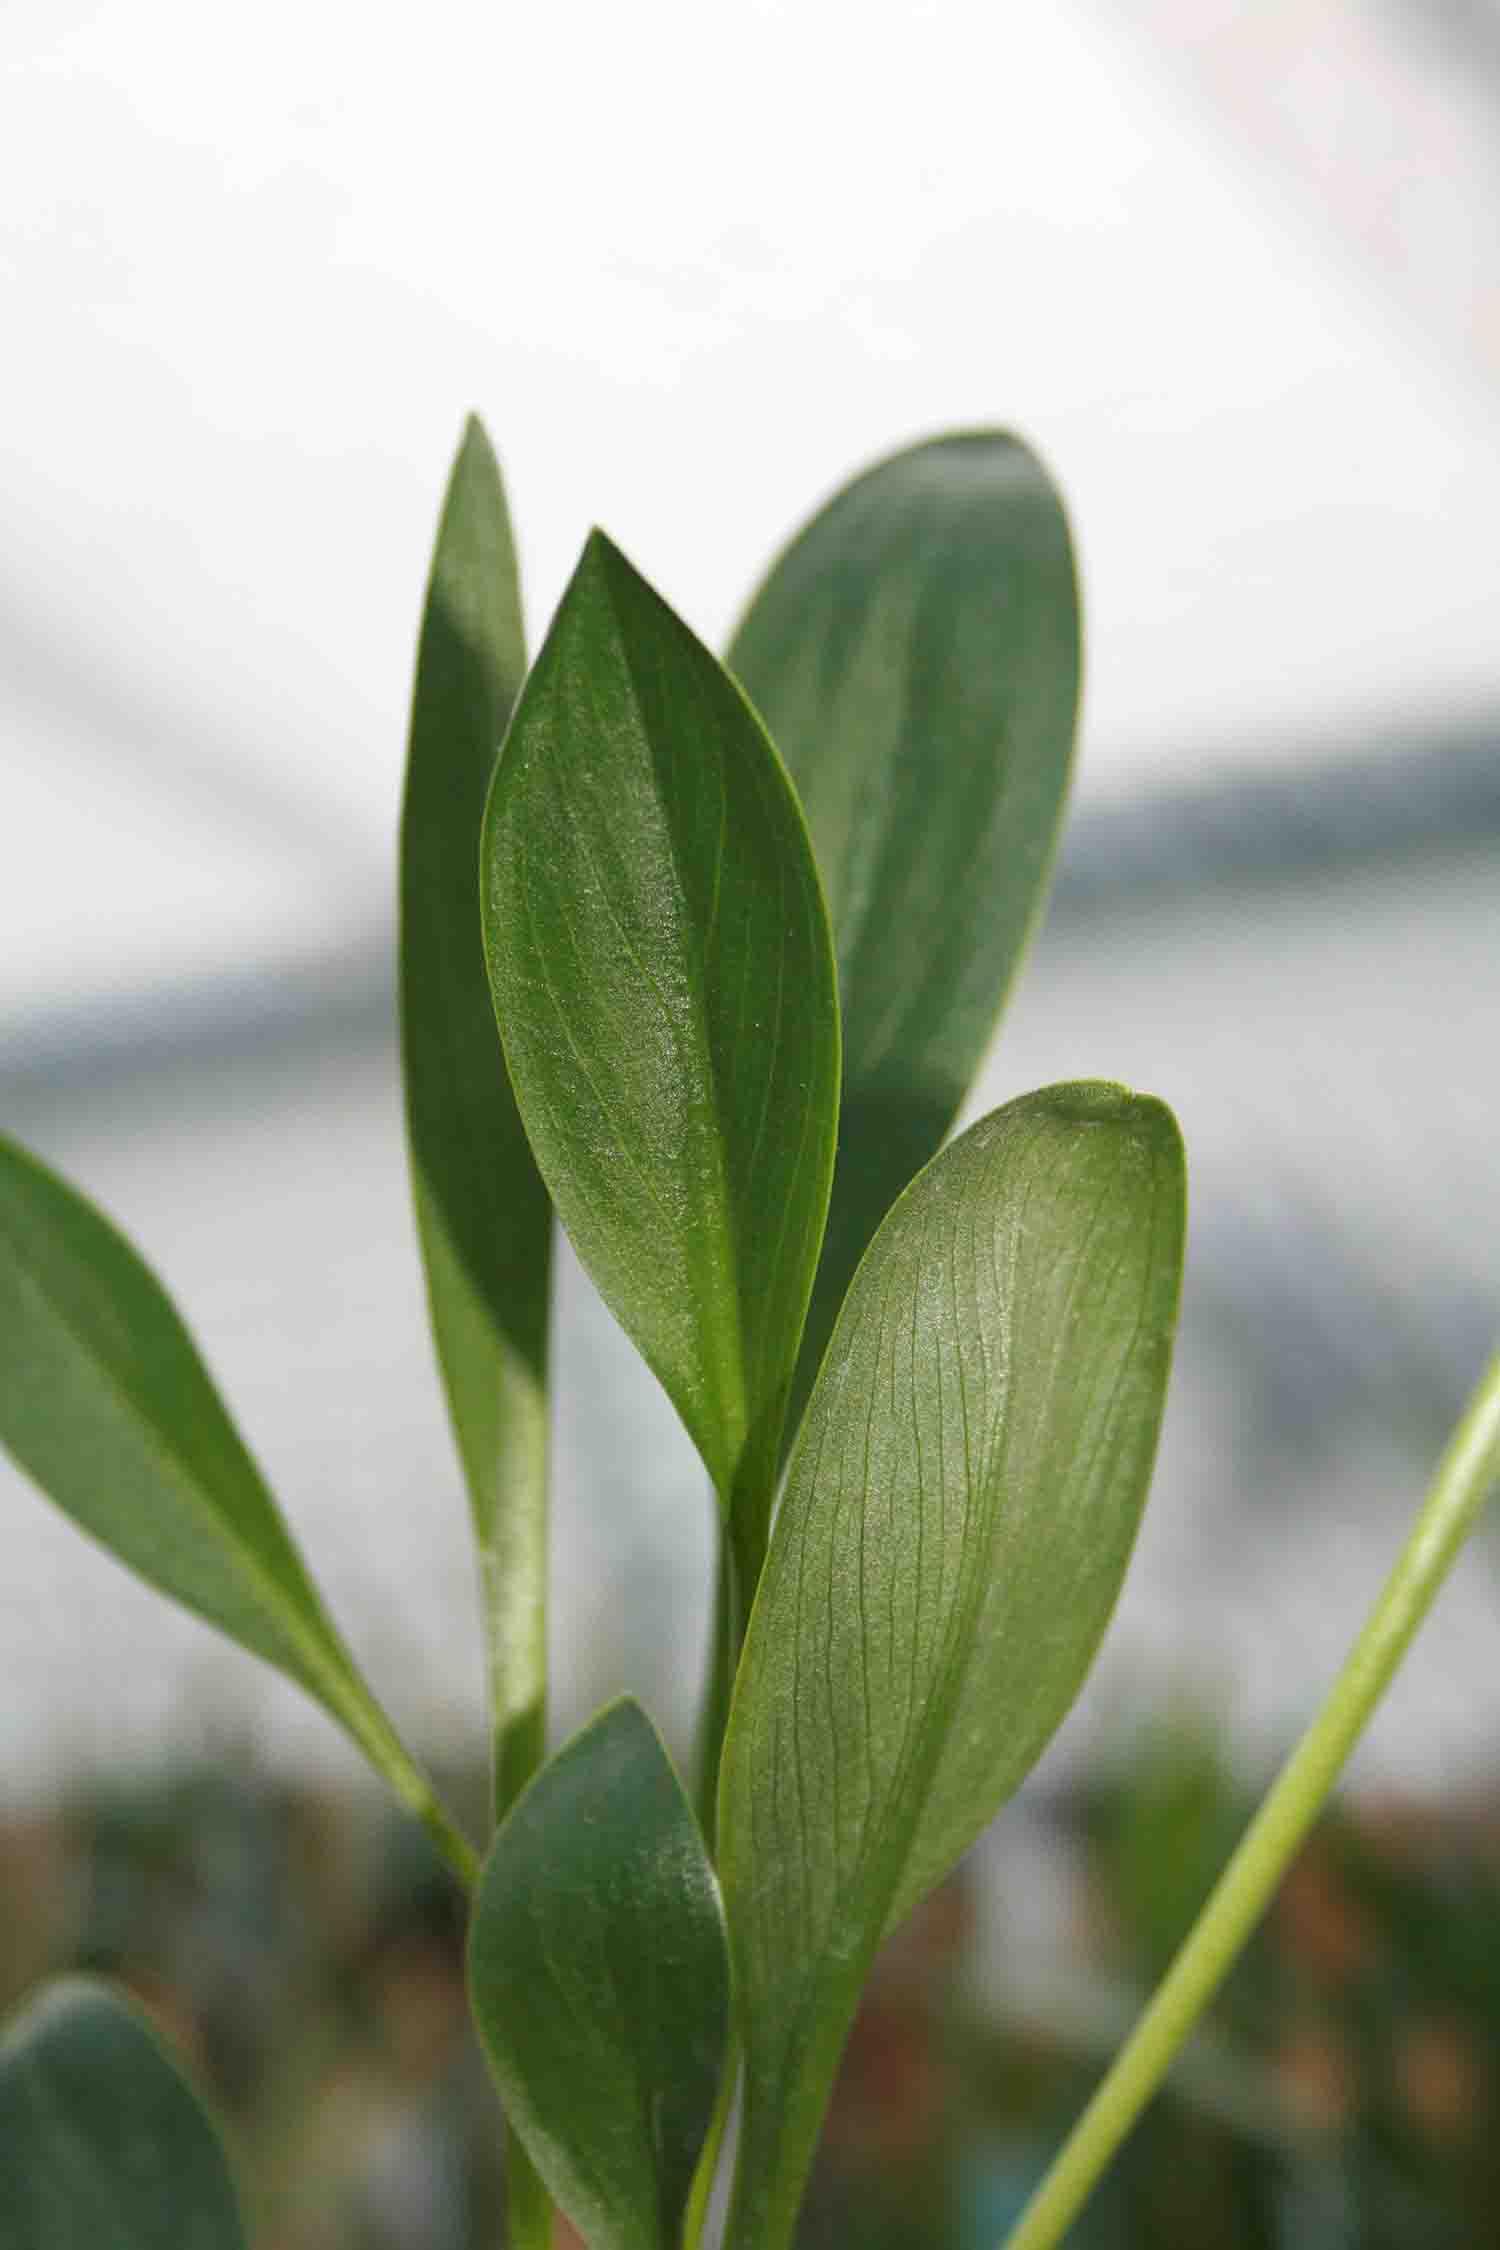 Biarum carratracense